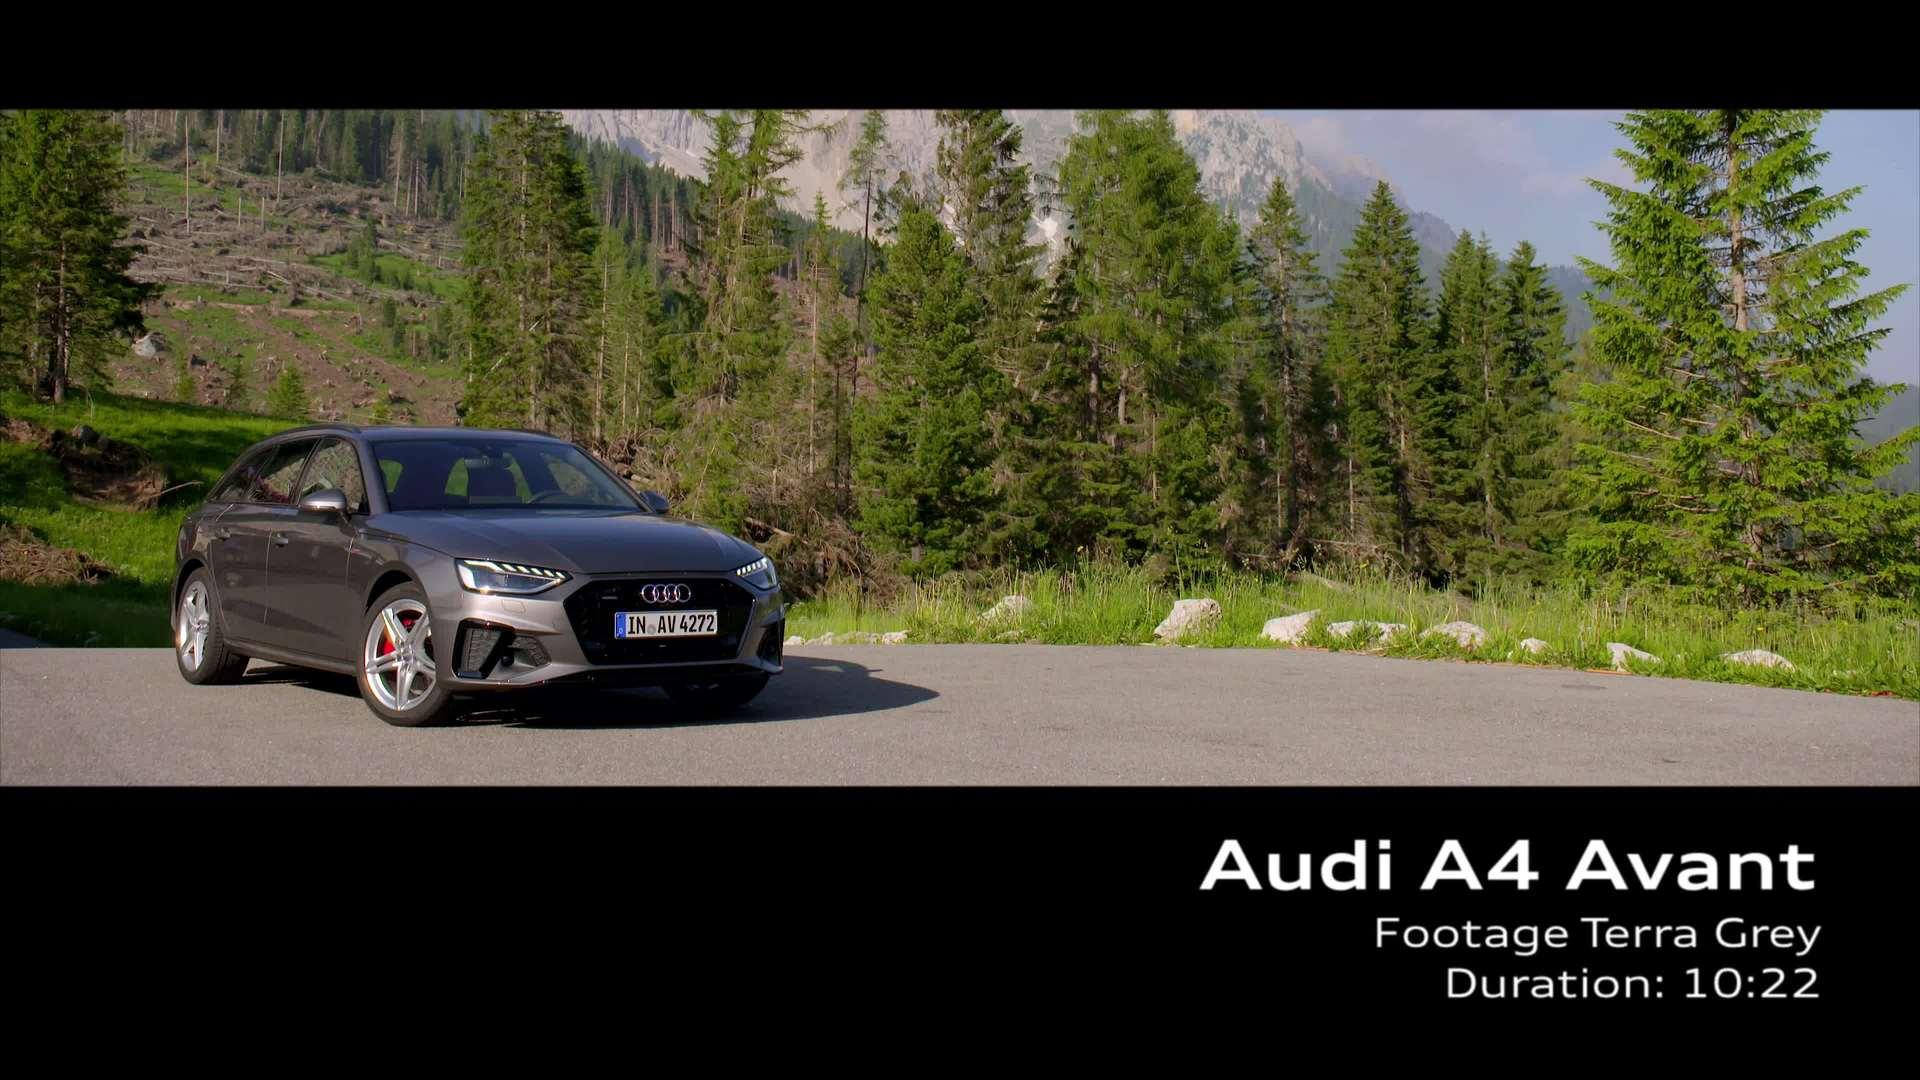 Audi A4 Avant TDI Footage Terra Grey (footage)